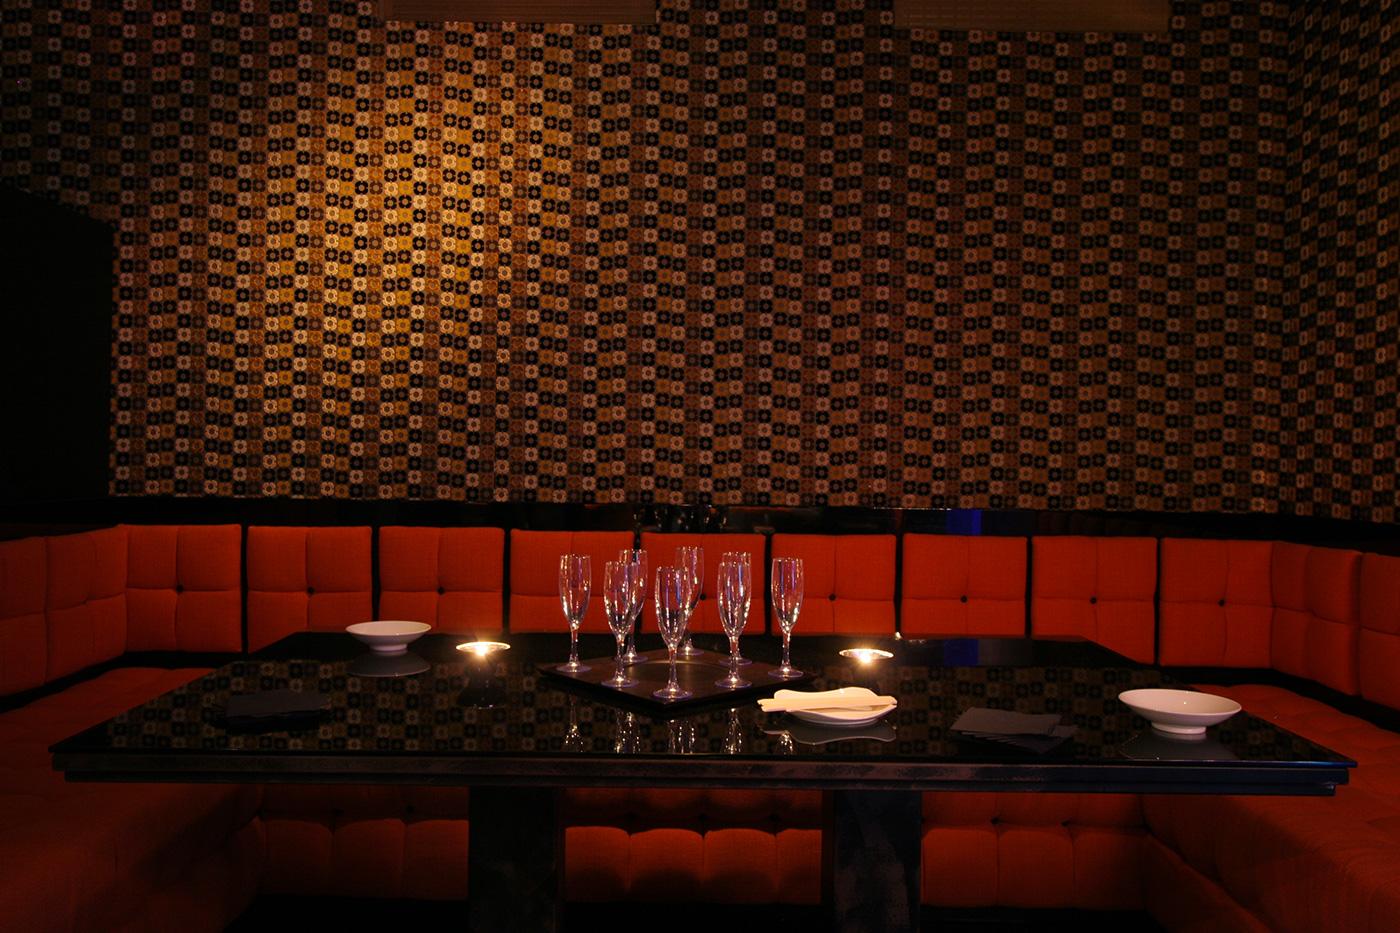 Progetto Illuminazione Ristorante : Illuminazione contract per ristorante jamie s italian a rotterdam